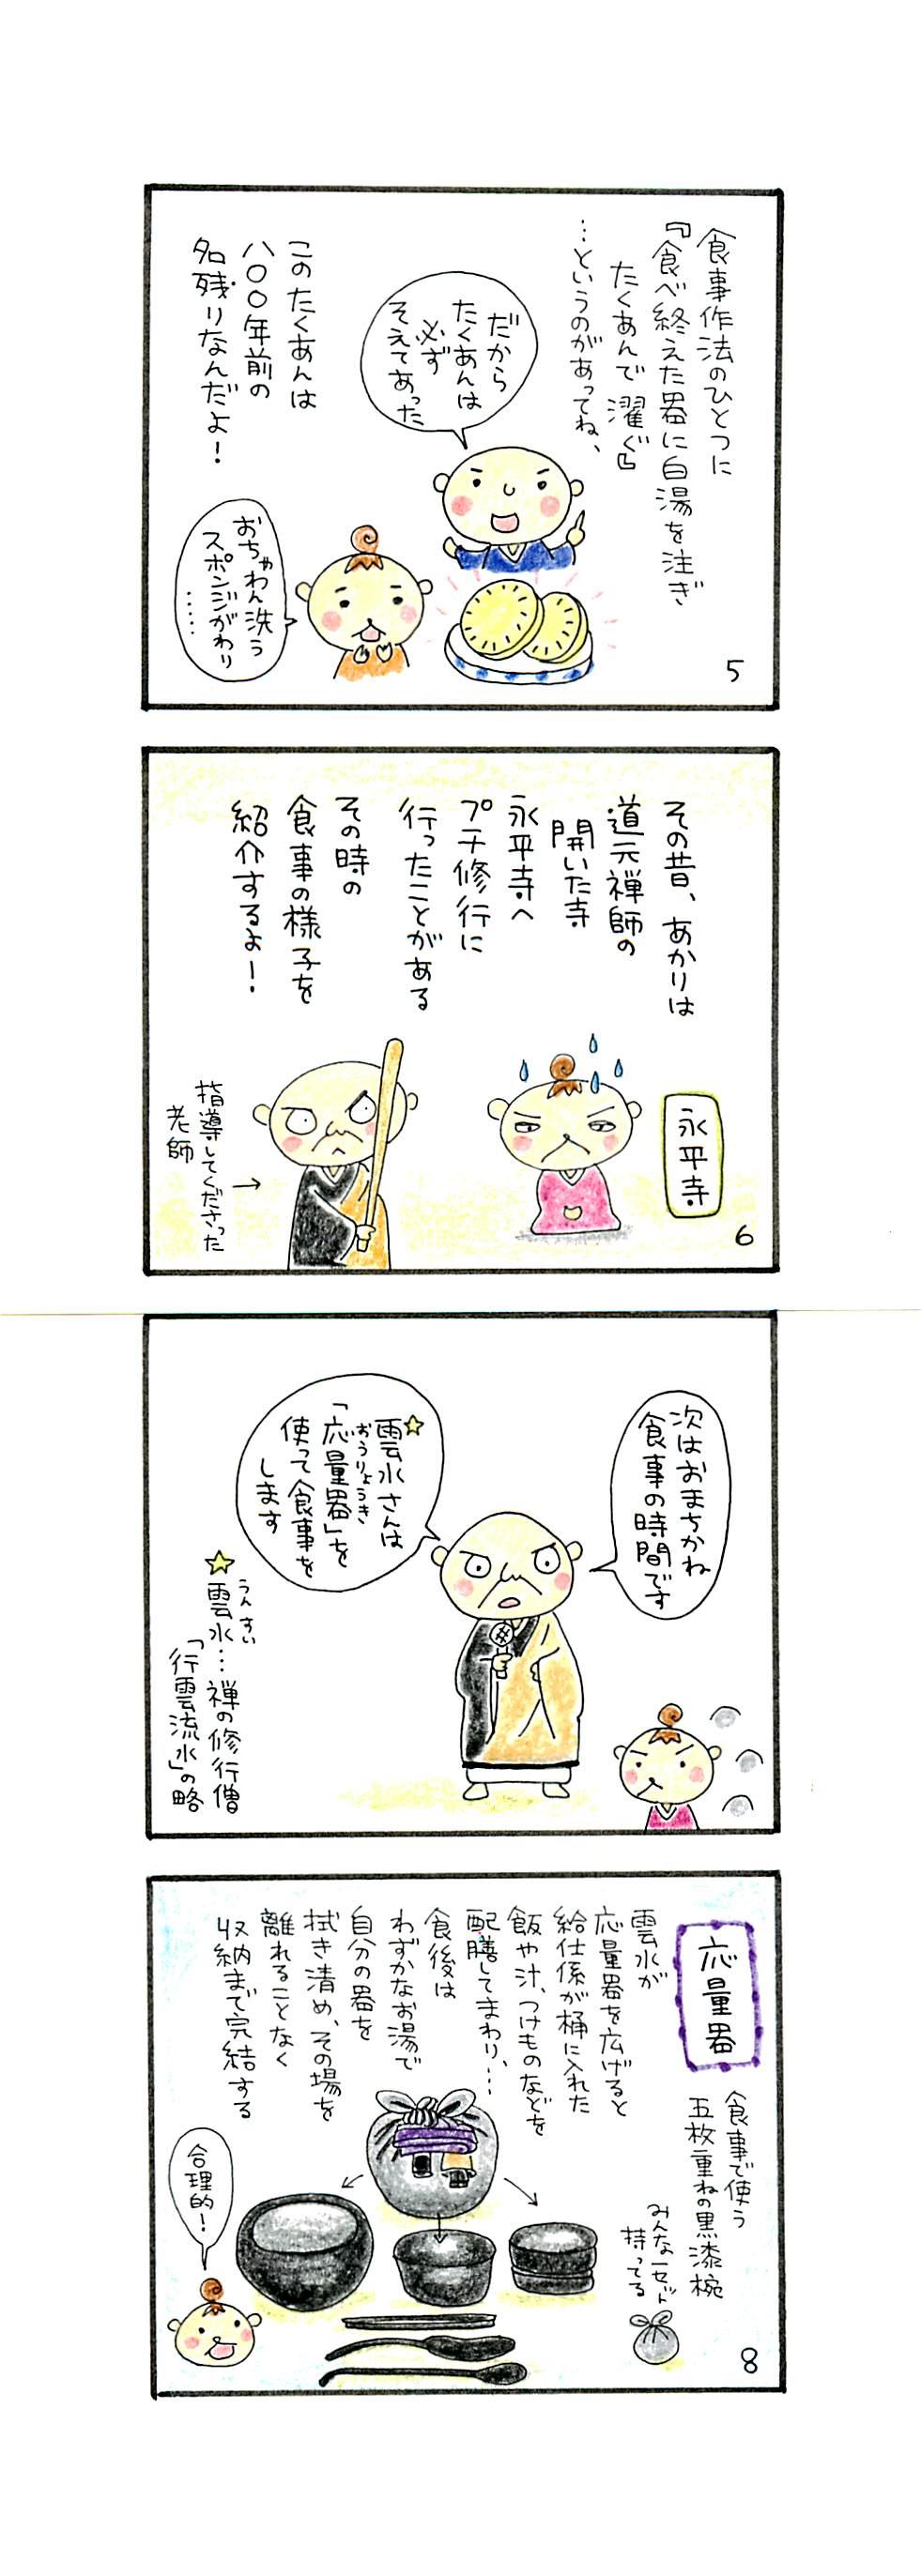 ピカル先生漫画002